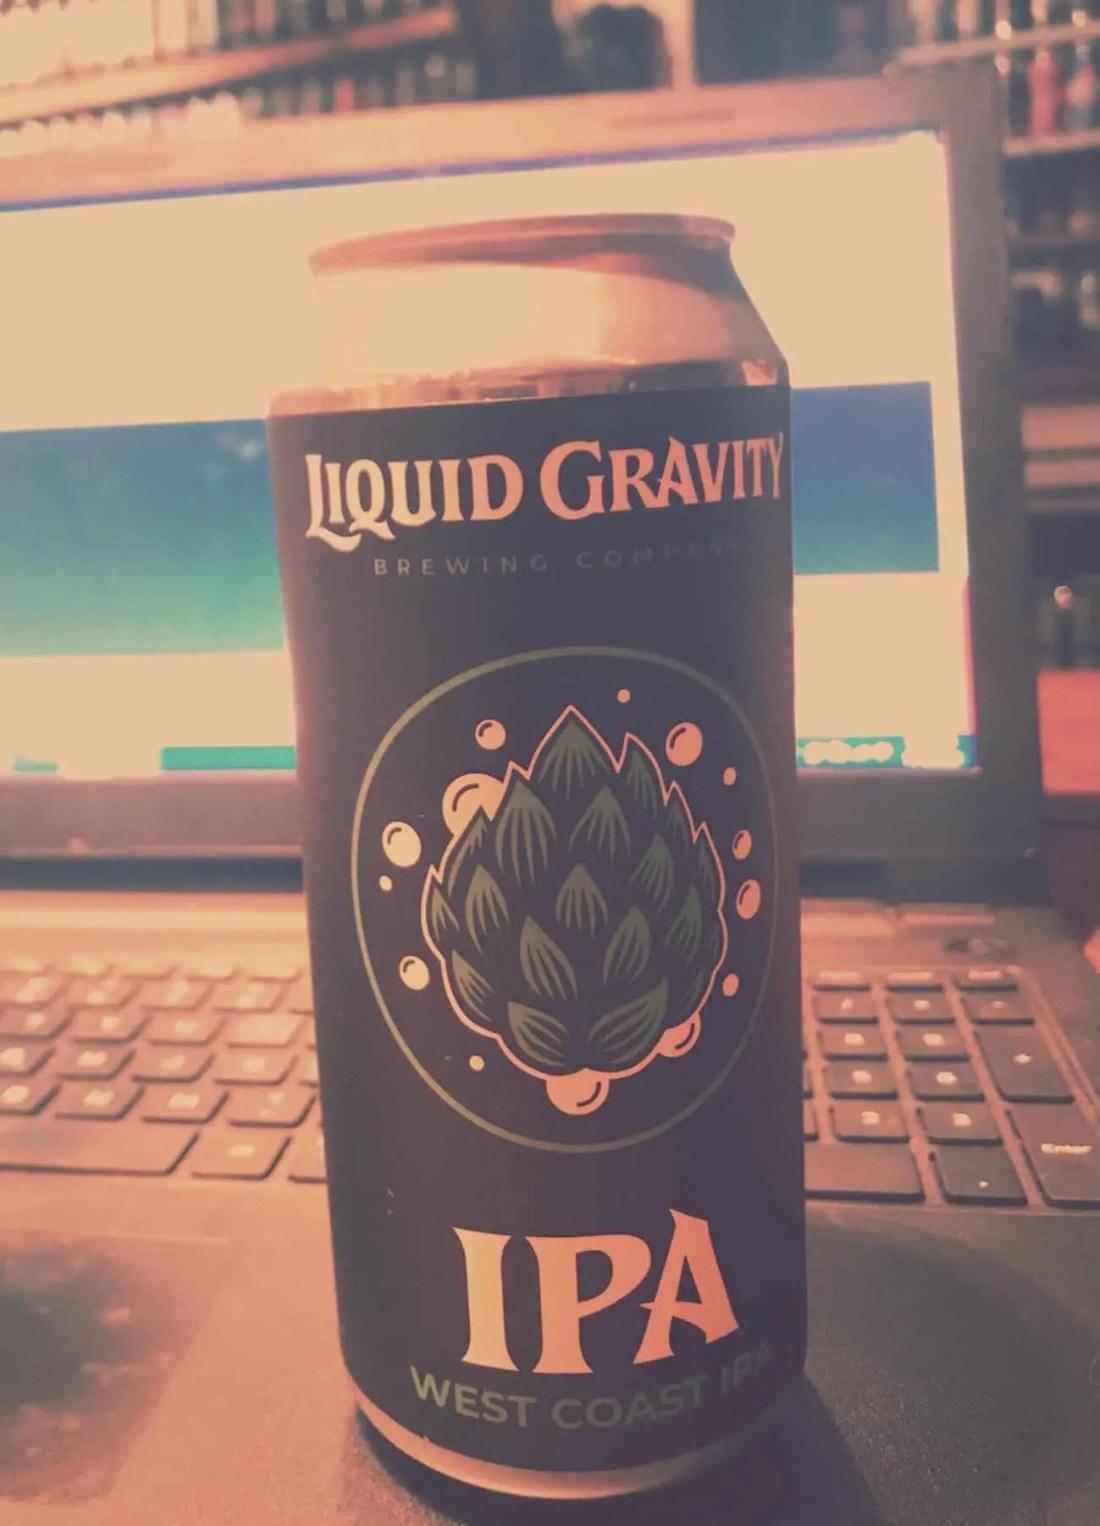 Liquid Gravity IPA